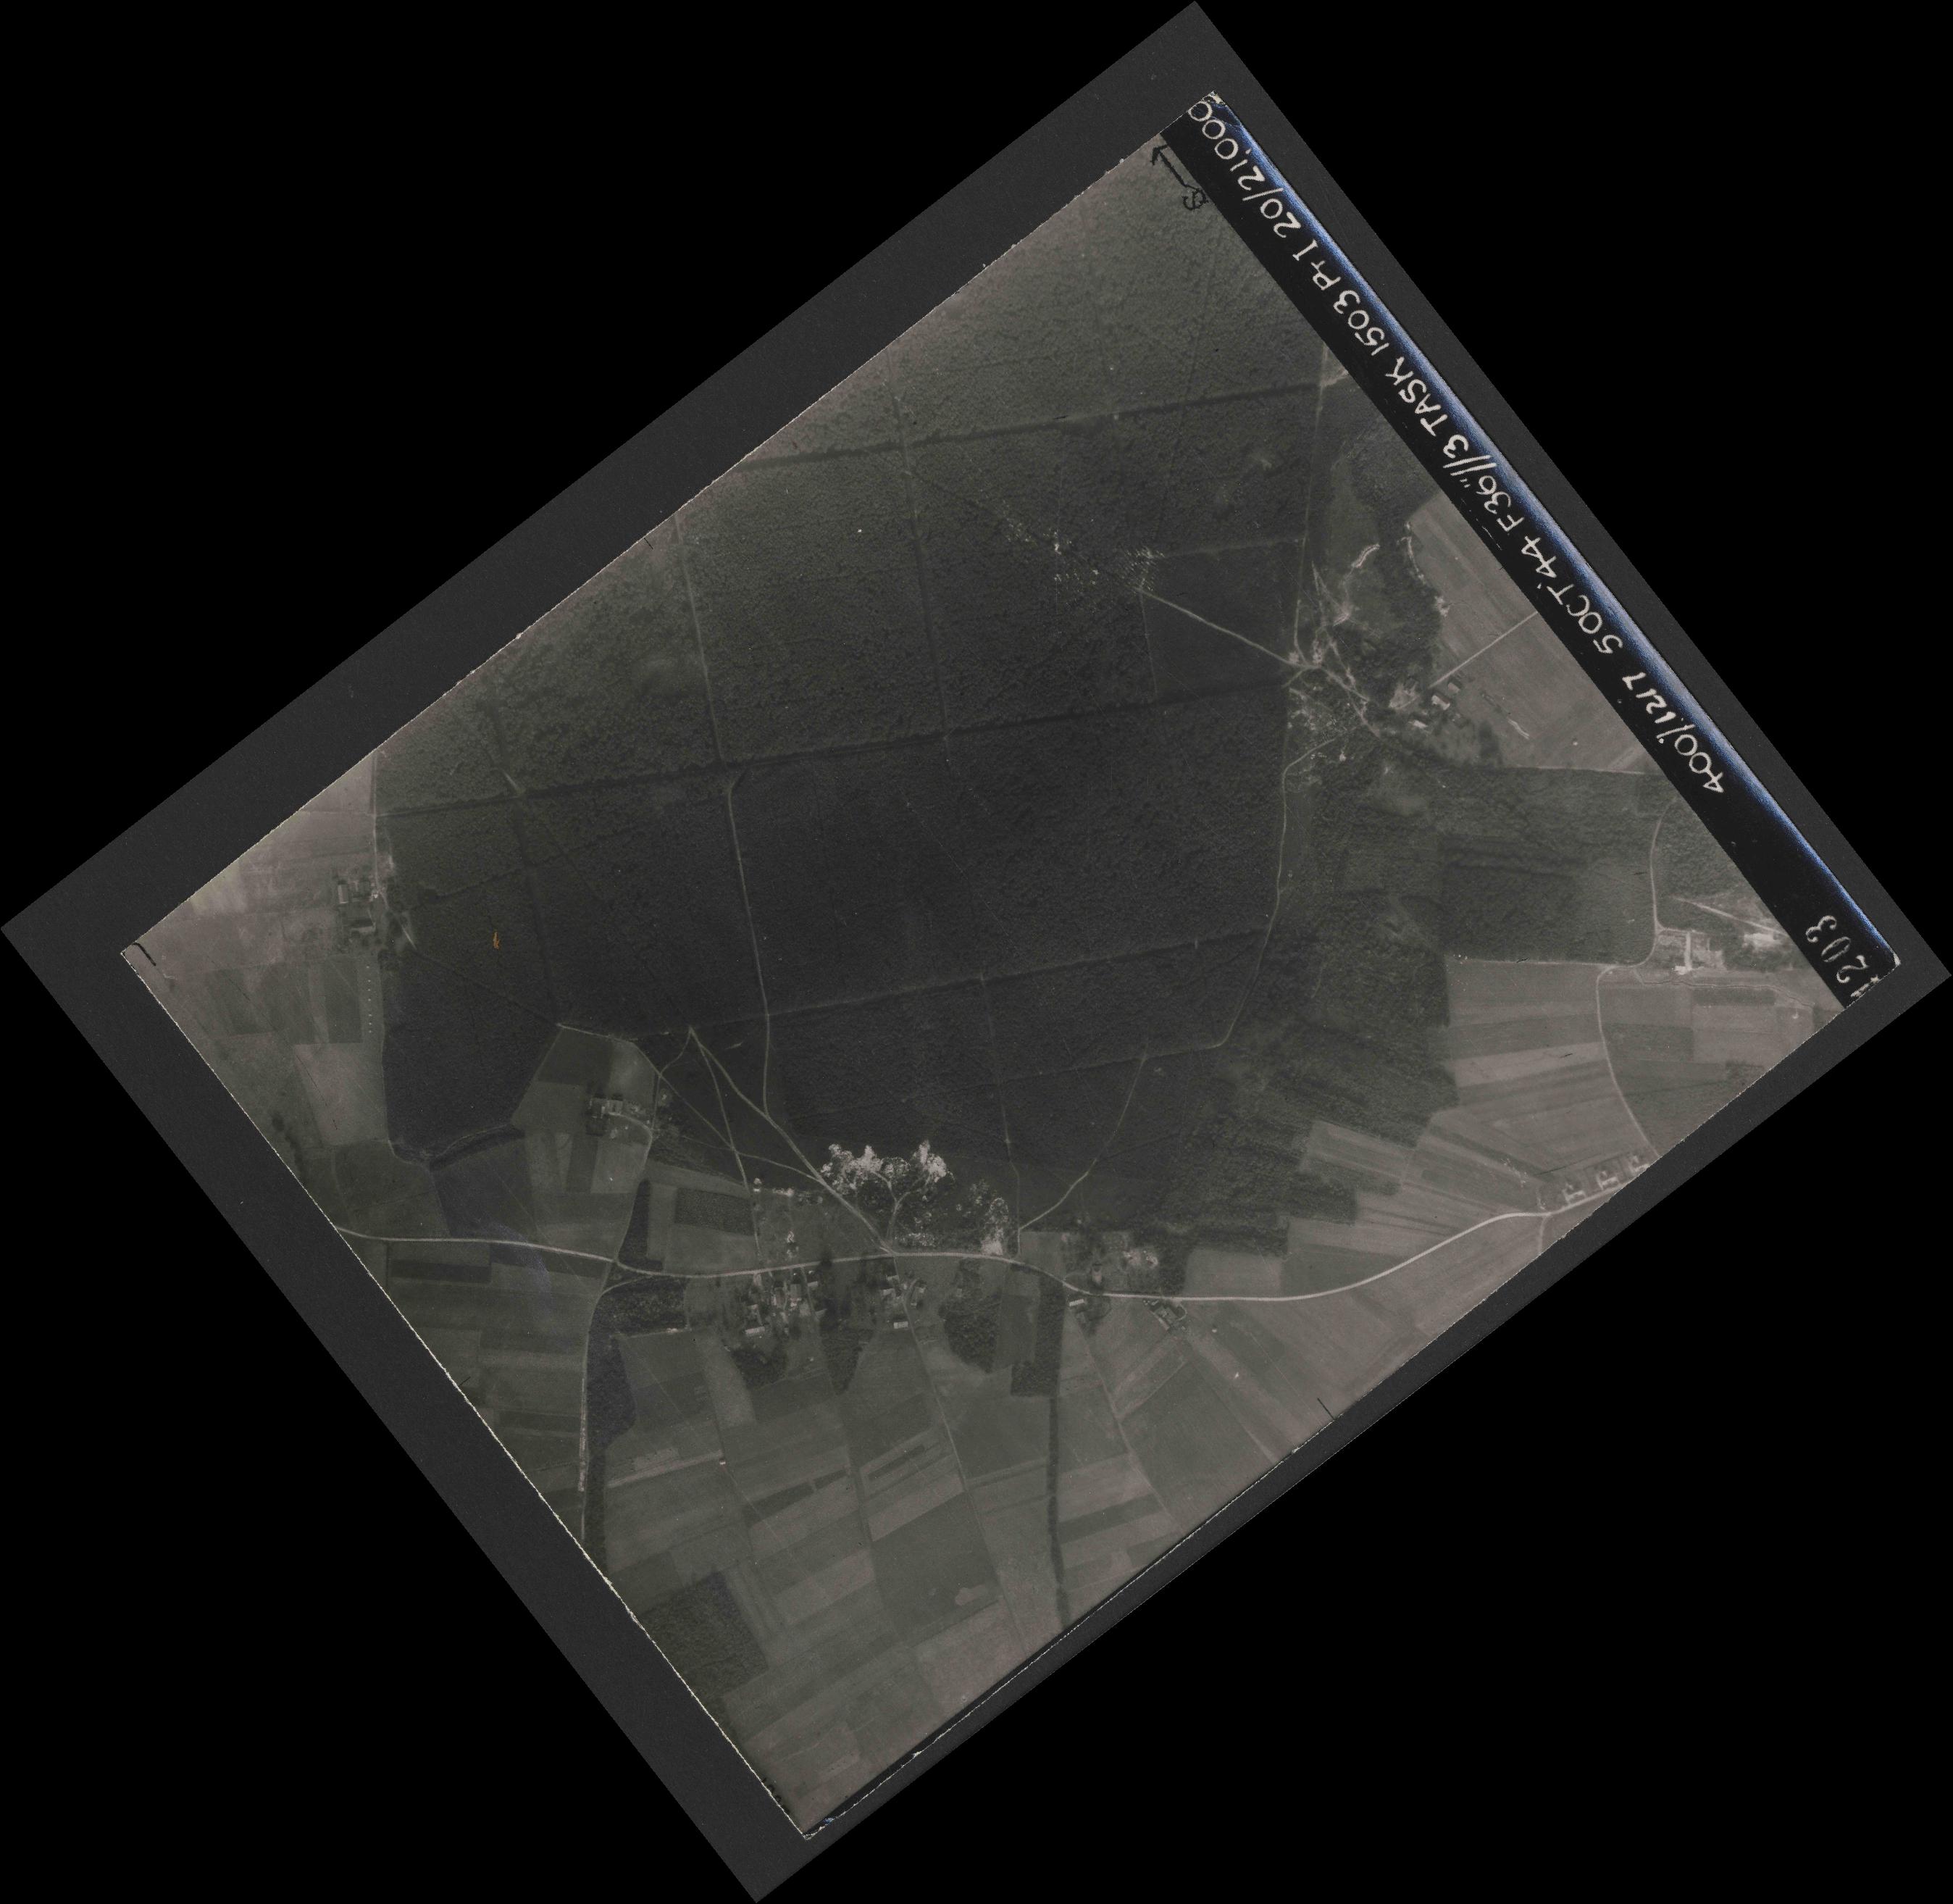 Collection RAF aerial photos 1940-1945 - flight 316, run 02, photo 4203